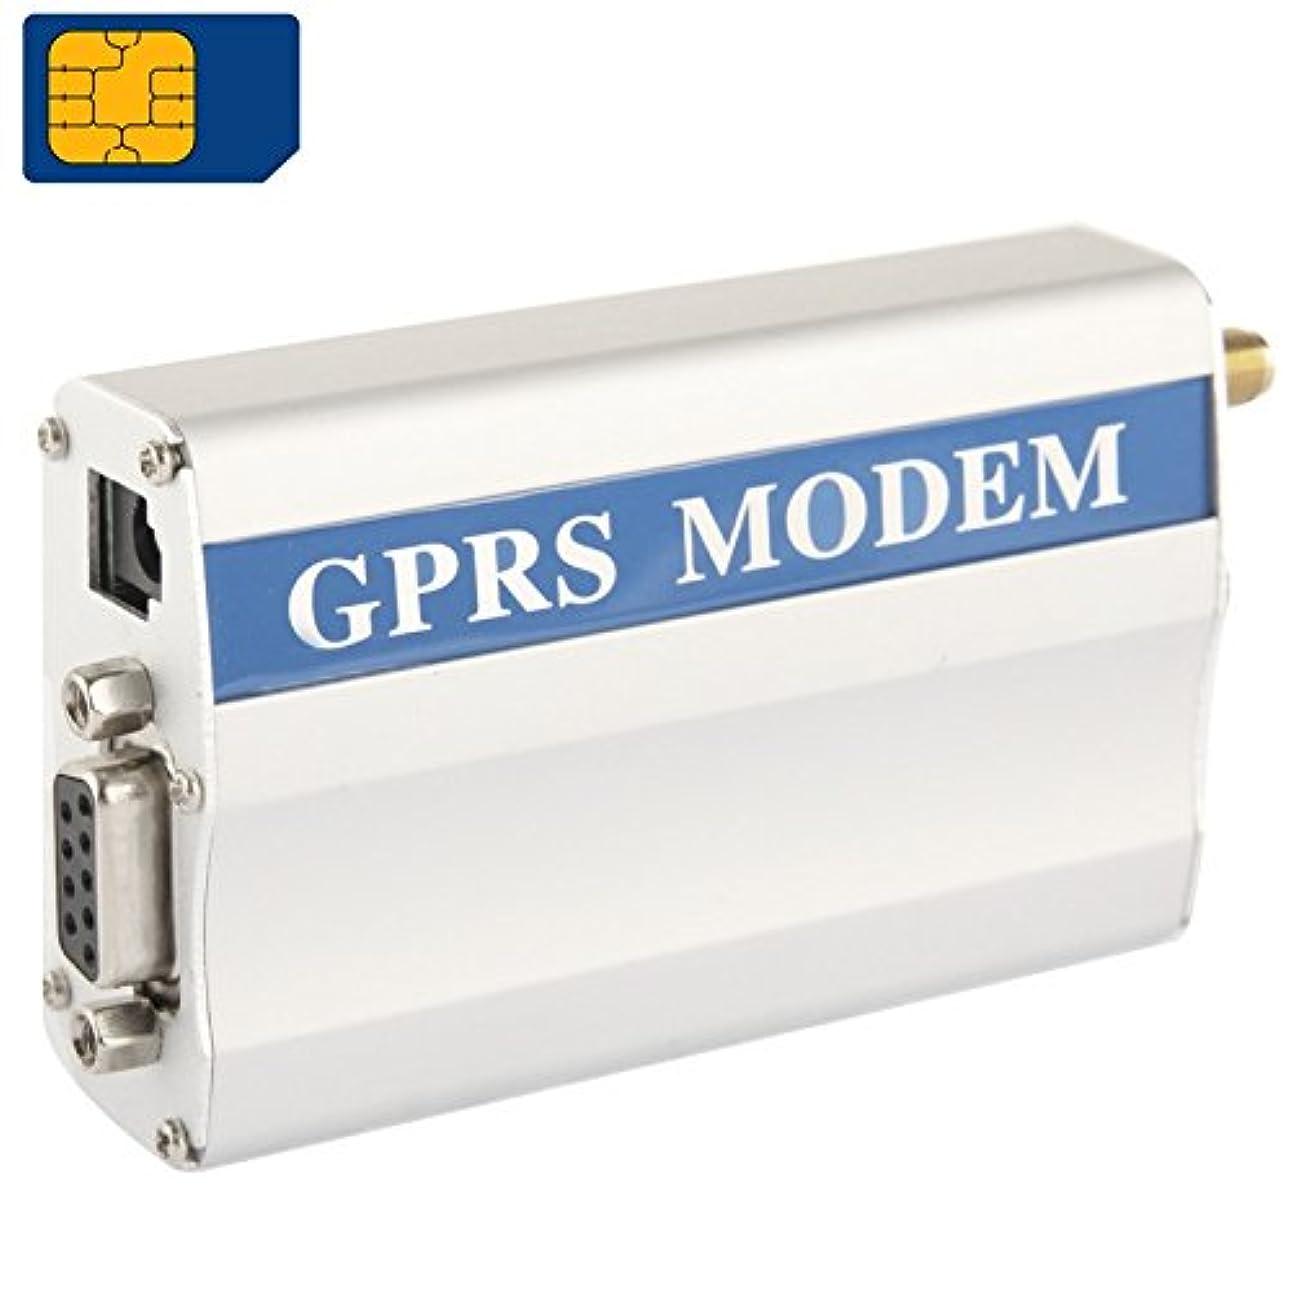 ライオネルグリーンストリート逆見捨てられたYCDZ STOREルーター RS232 GPRSモデム/GSMモデム、サポートSIMカード、GSM:900 / 1800MHz符号ランダム配信